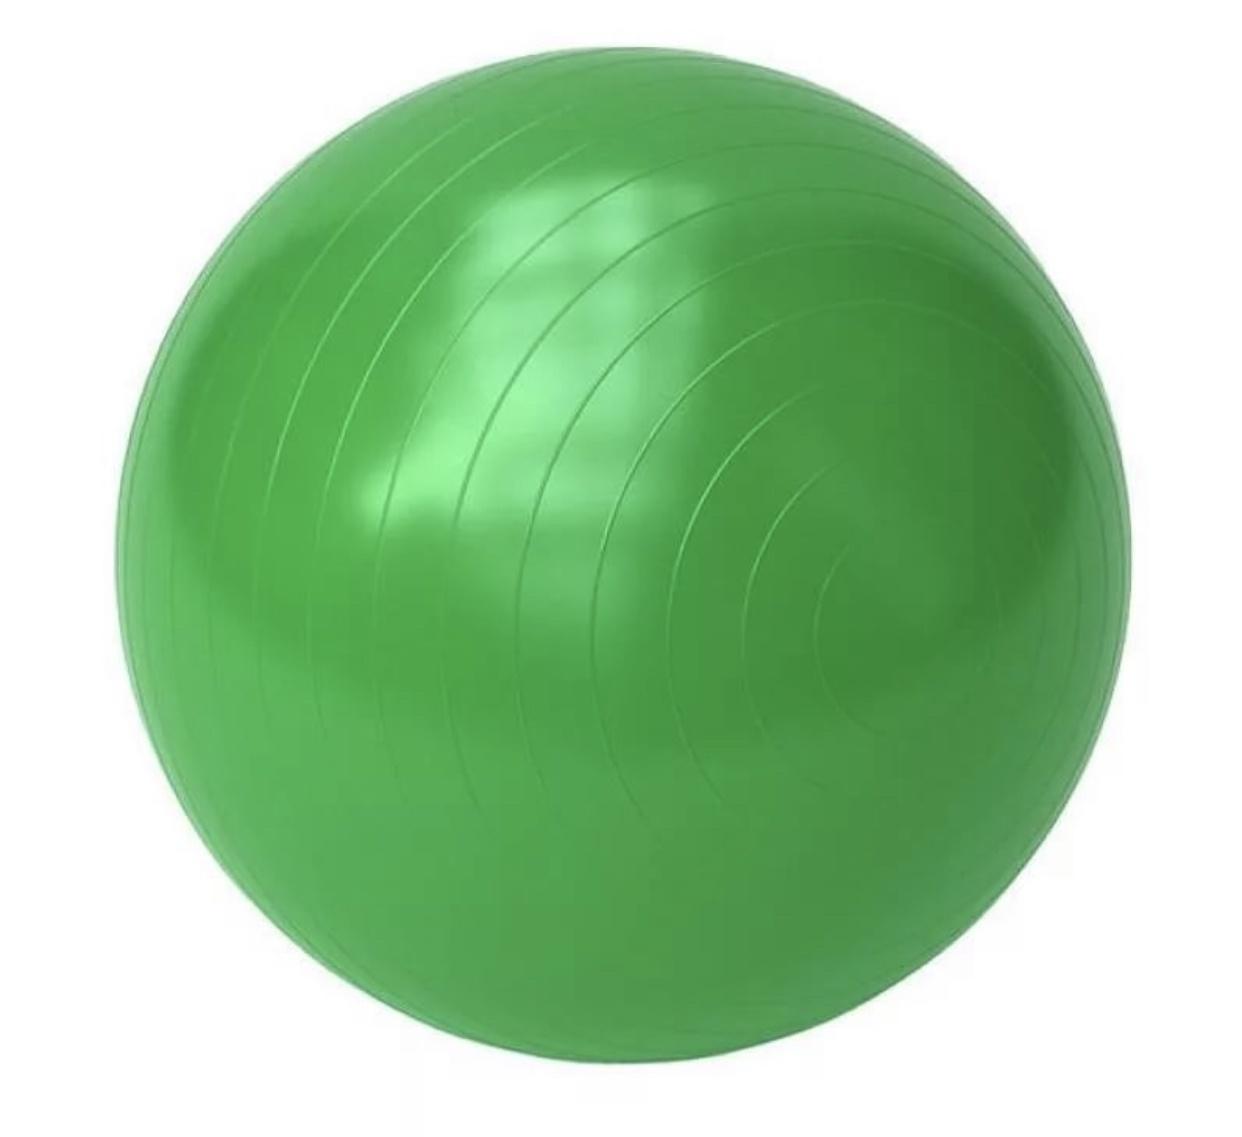 Мяч для фитнеса JESELVIP MDG-102, зеленый мяч гимнастический torneo цвет зеленый диаметр 55 см